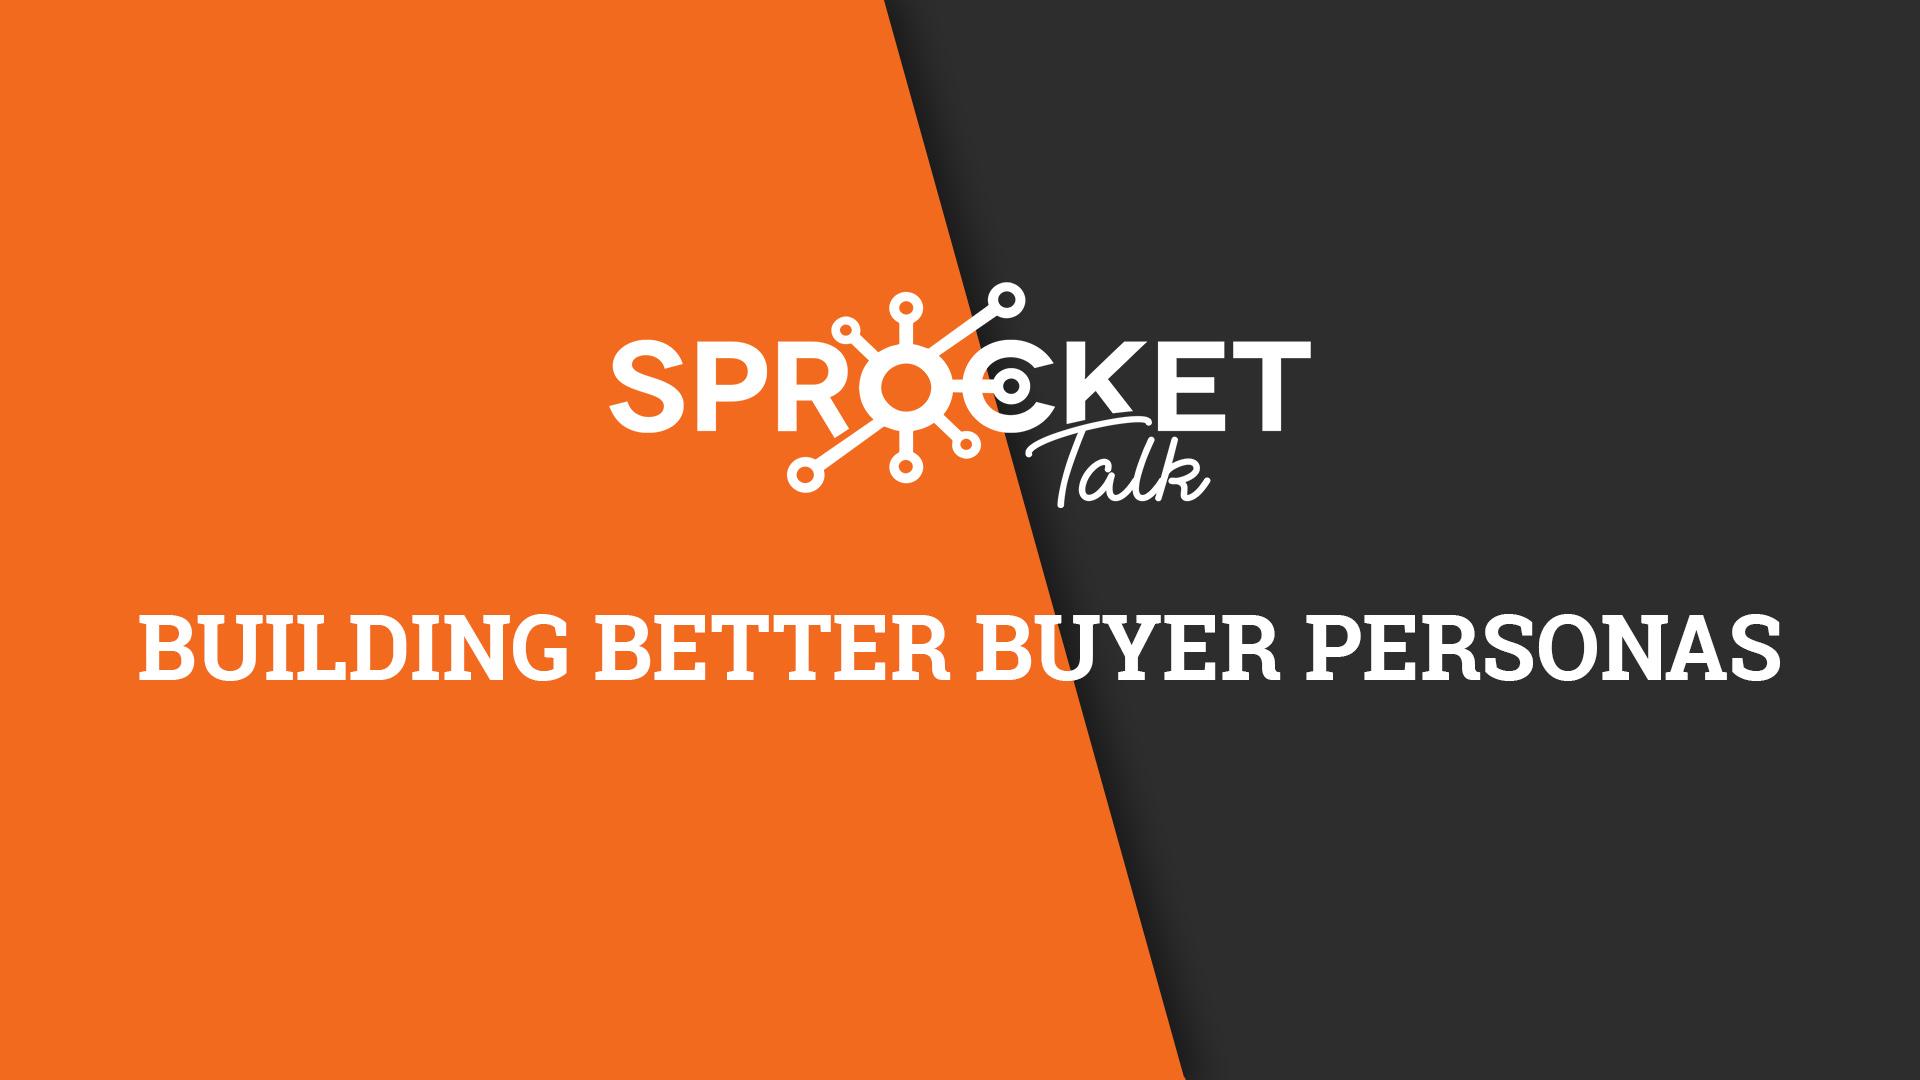 Building Better Buyer Personas